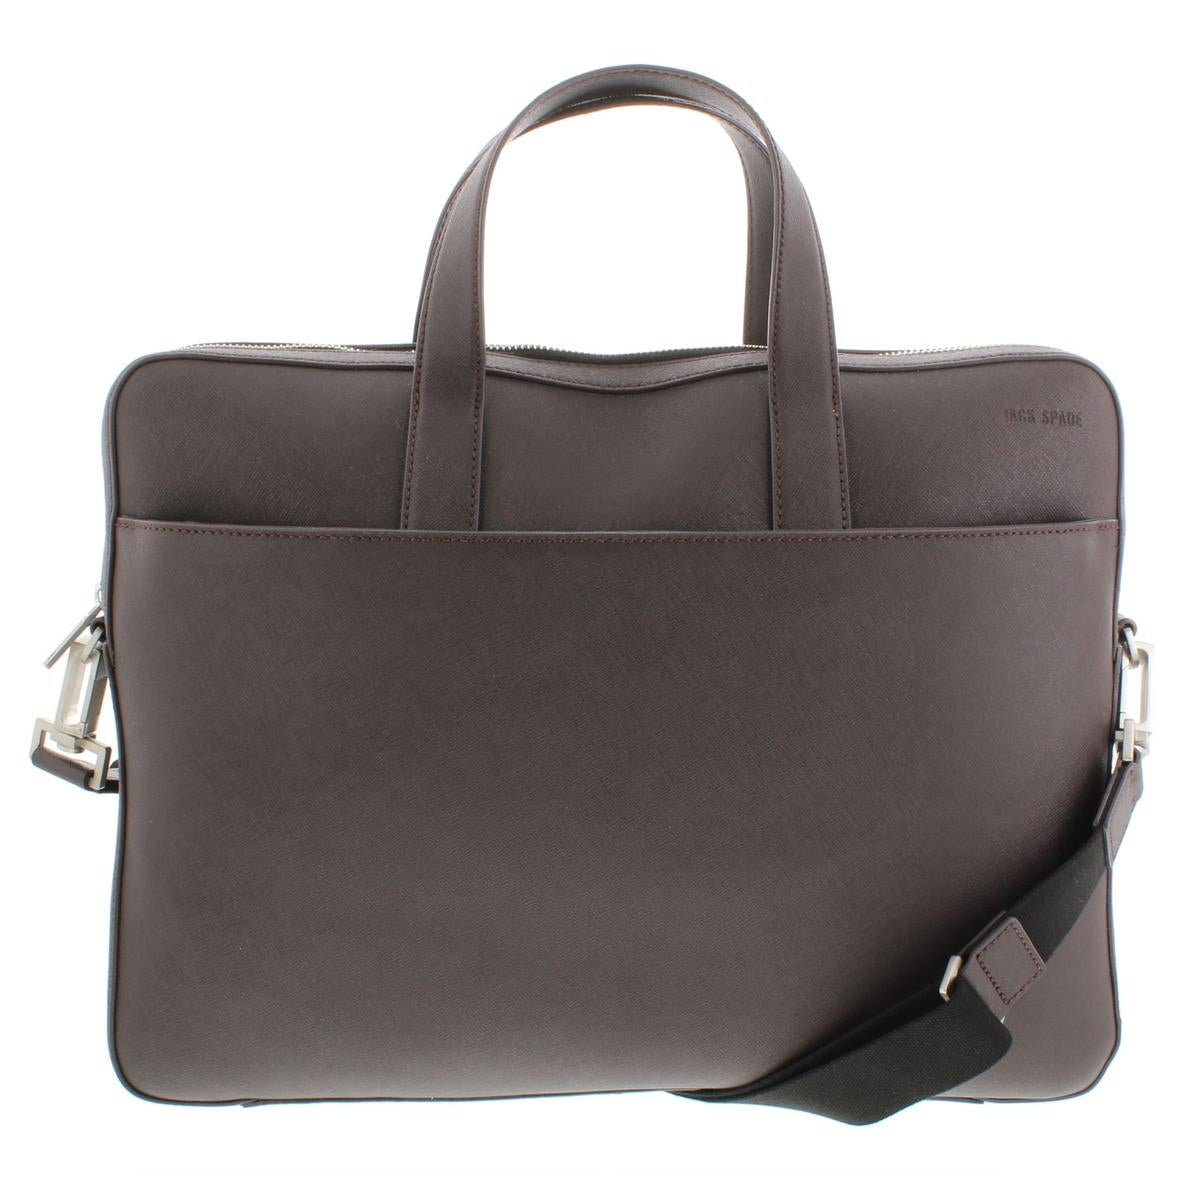 Jack Spade Mens Messenger Bag